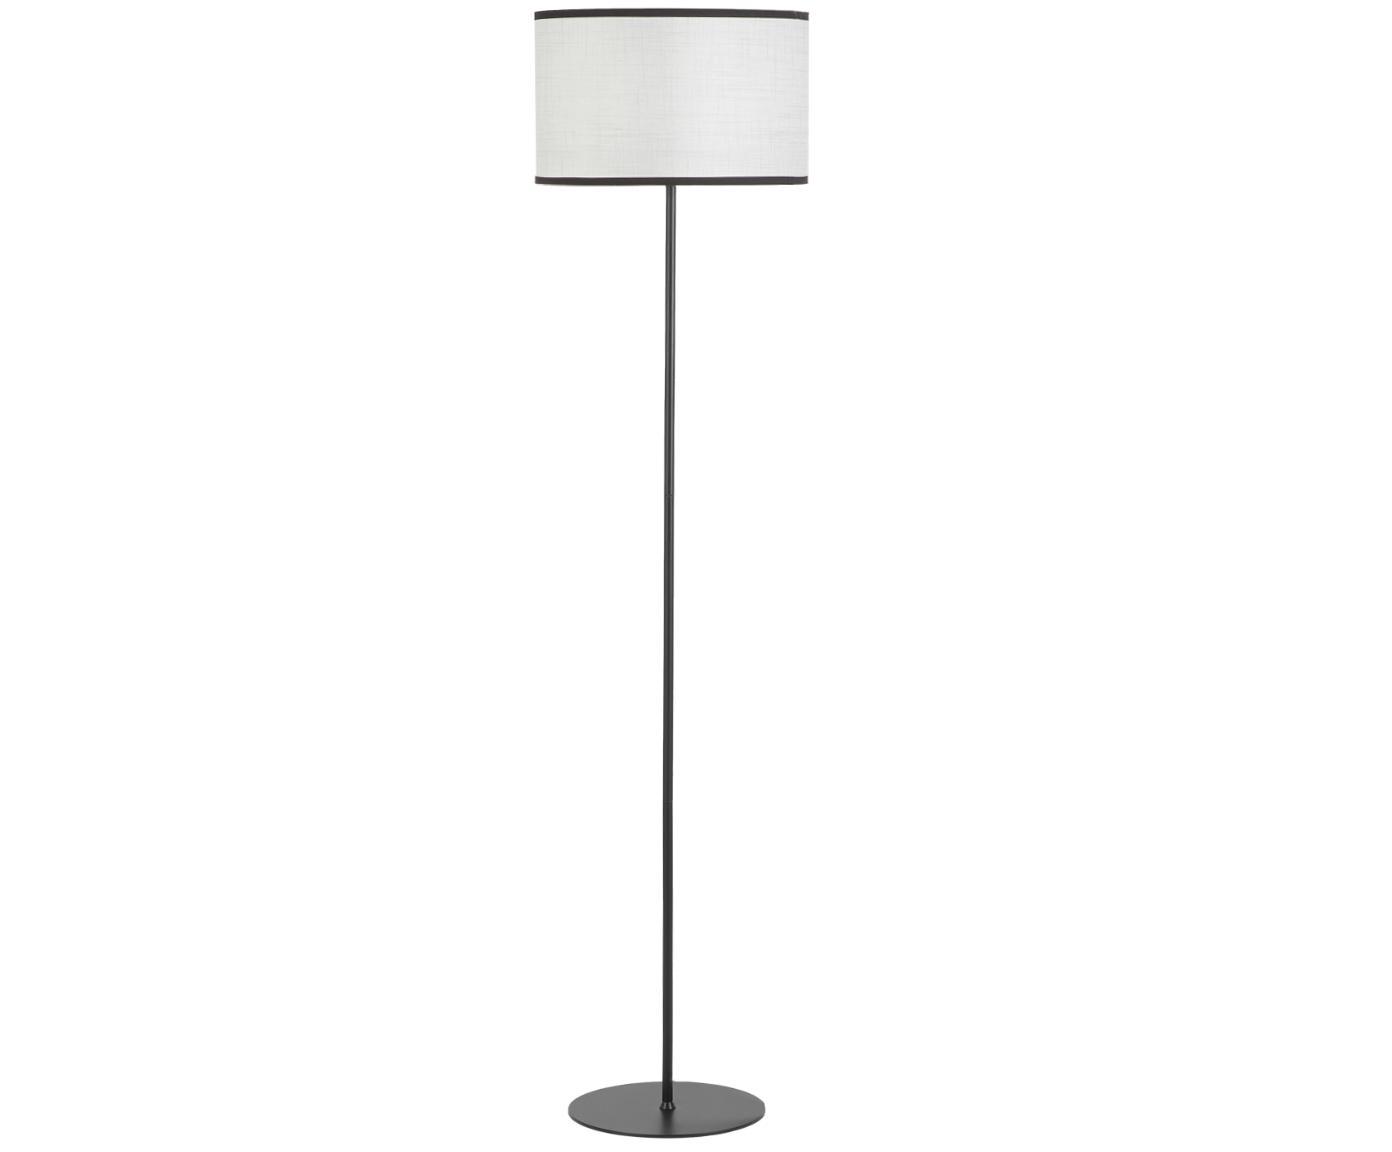 Lampada da terra in lino Claudette, Paralume: lino, strutturato, Baldacchino: metallo verniciato a polv, Crema, nero, Ø 40 x Alt. 165 cm